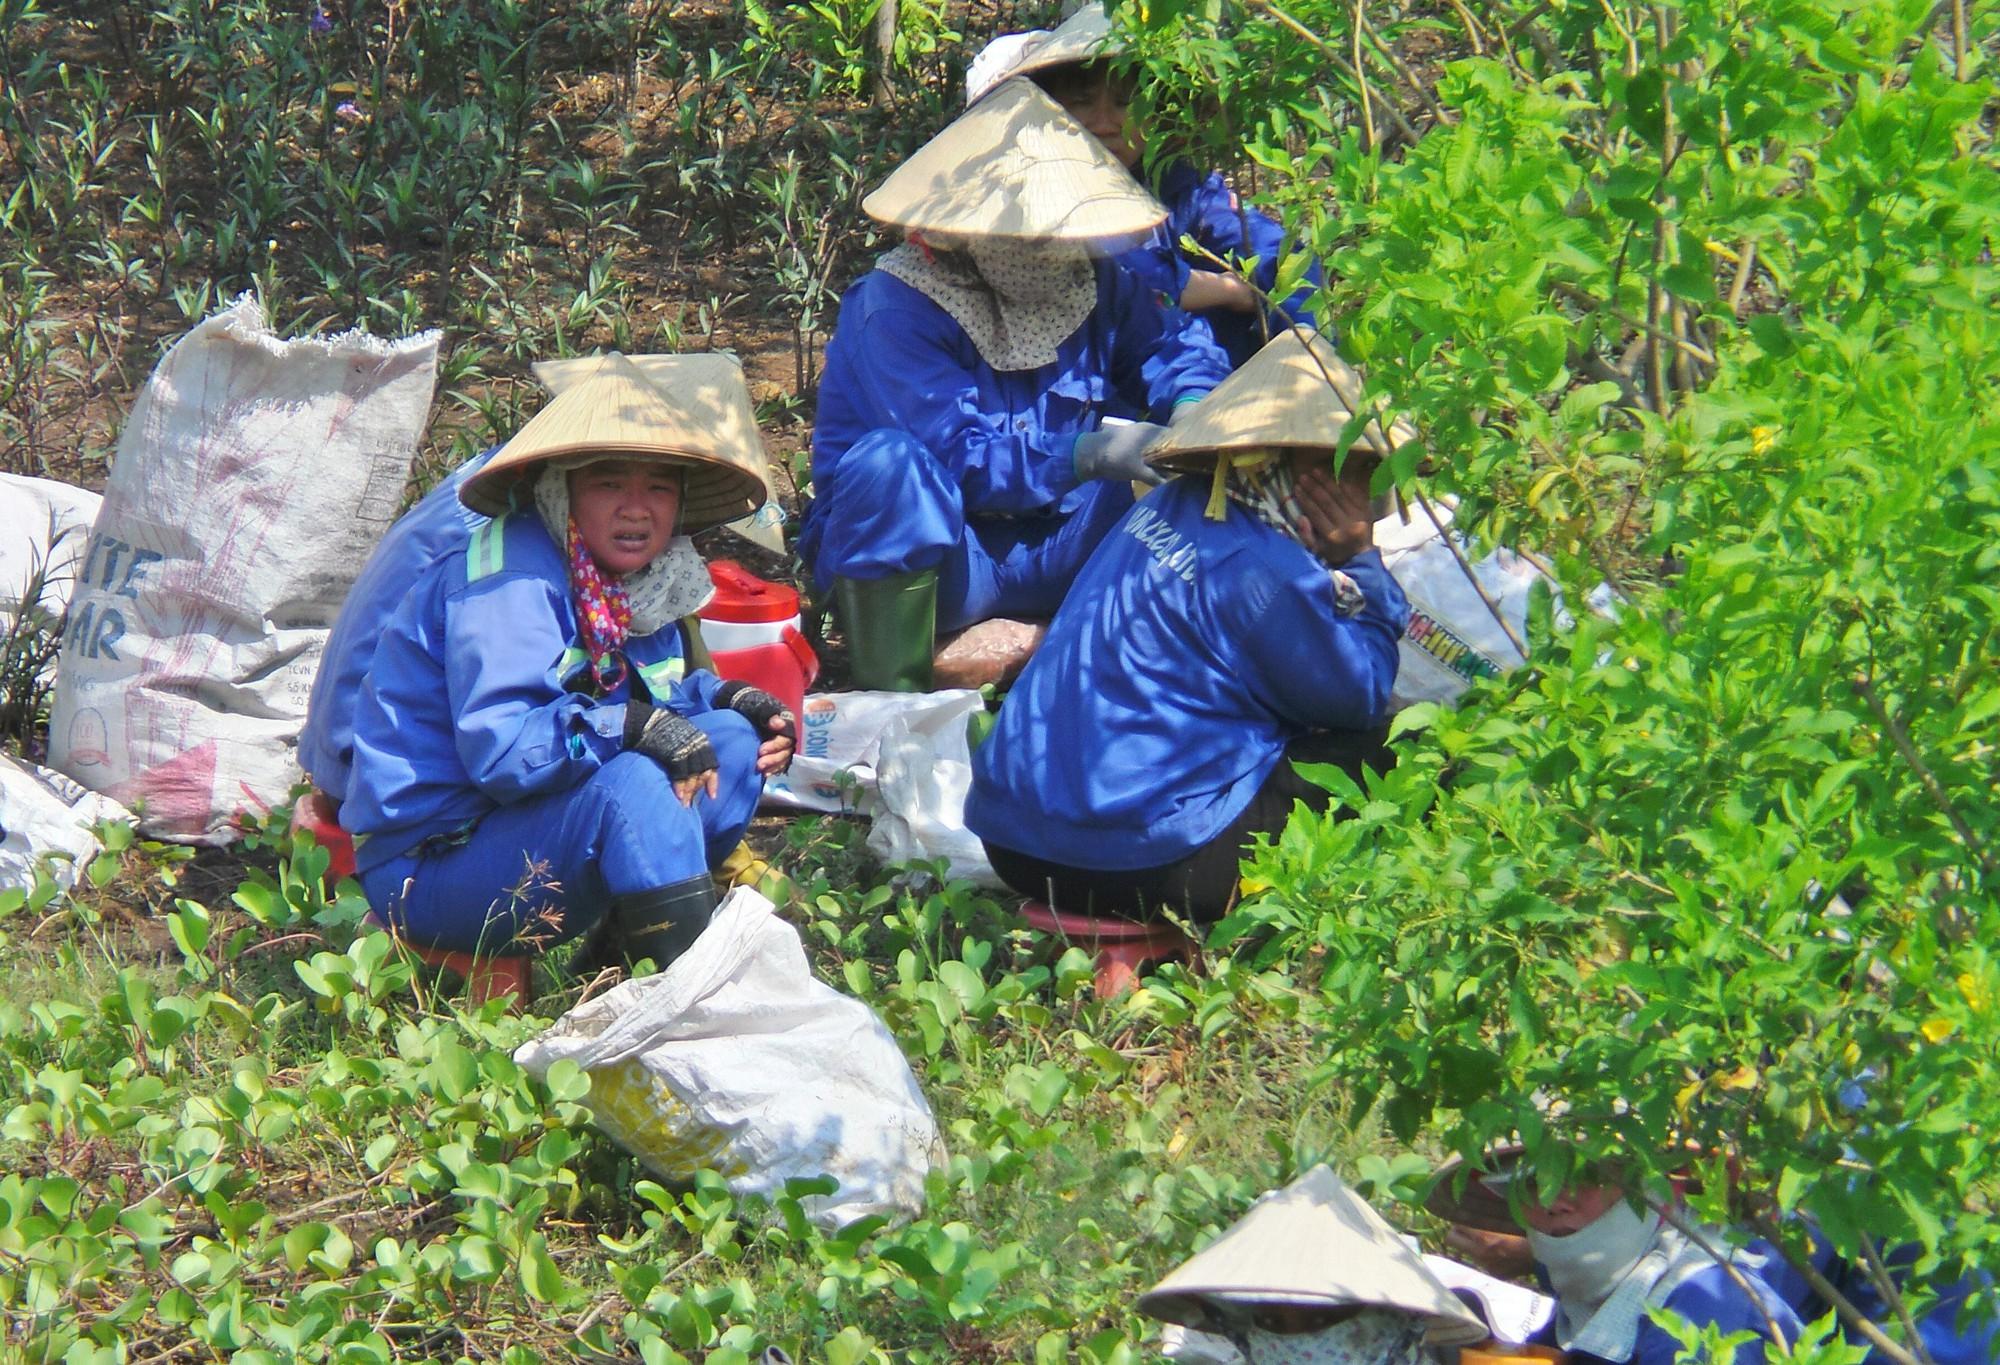 Sài Gòn nóng gần 40 độ C: Người dân xuống gầm cầu mắc võng ngủ trưa - Ảnh 3.